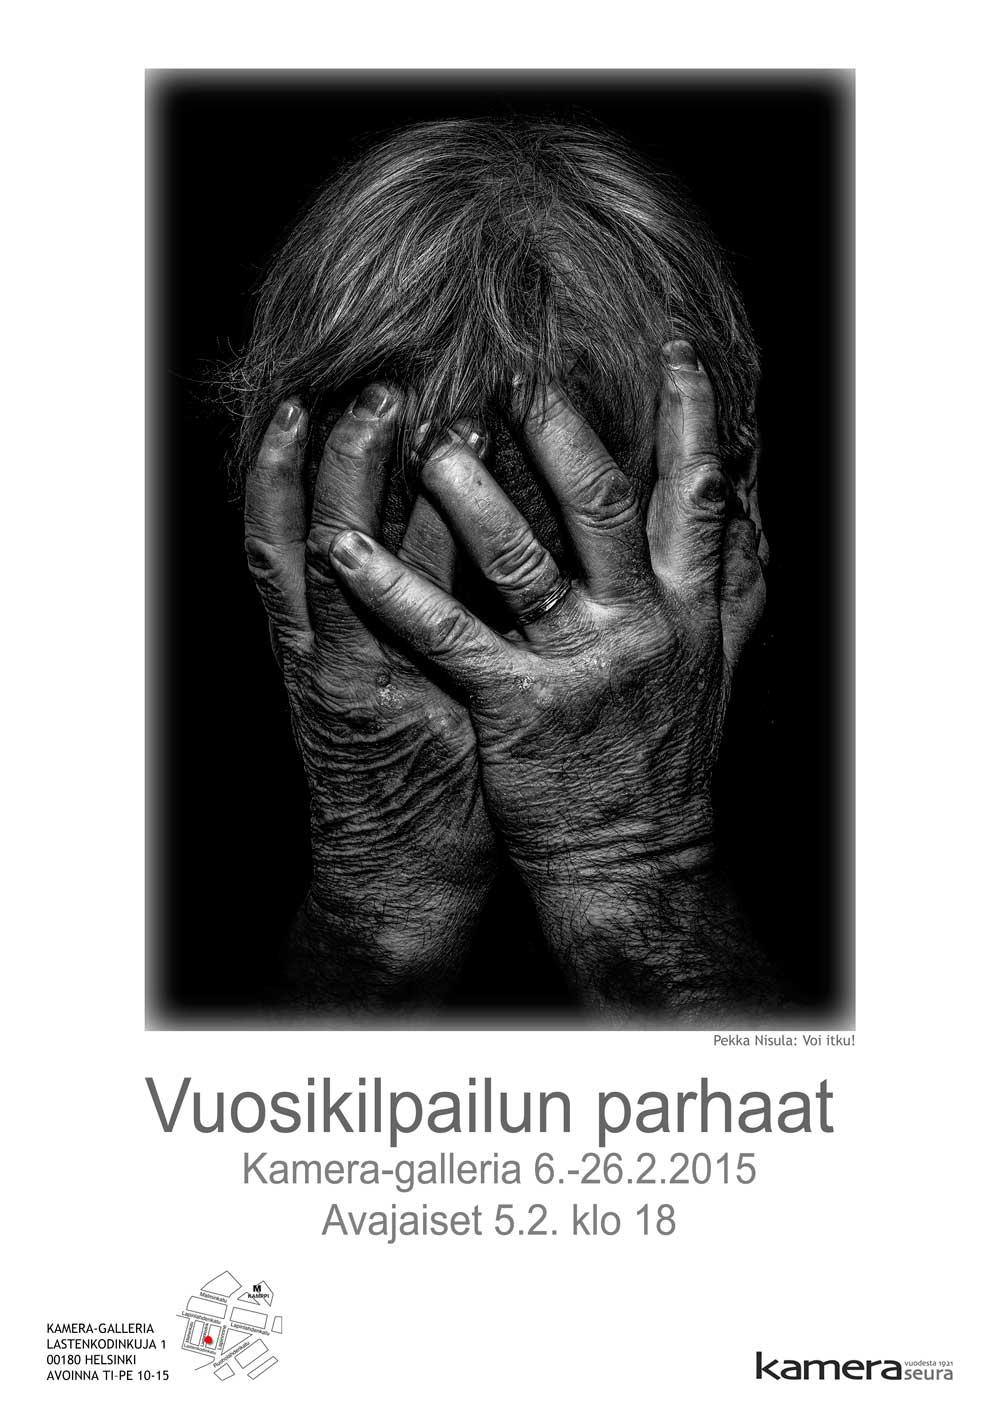 KS Vuosikilpailun parhaat-2015-kutsukortti